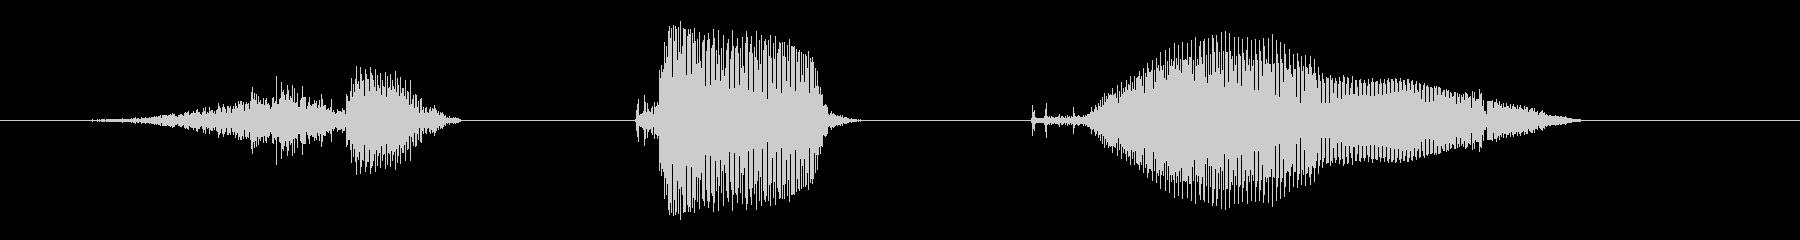 すてき!1【ロリキャラの褒めボイス】の未再生の波形